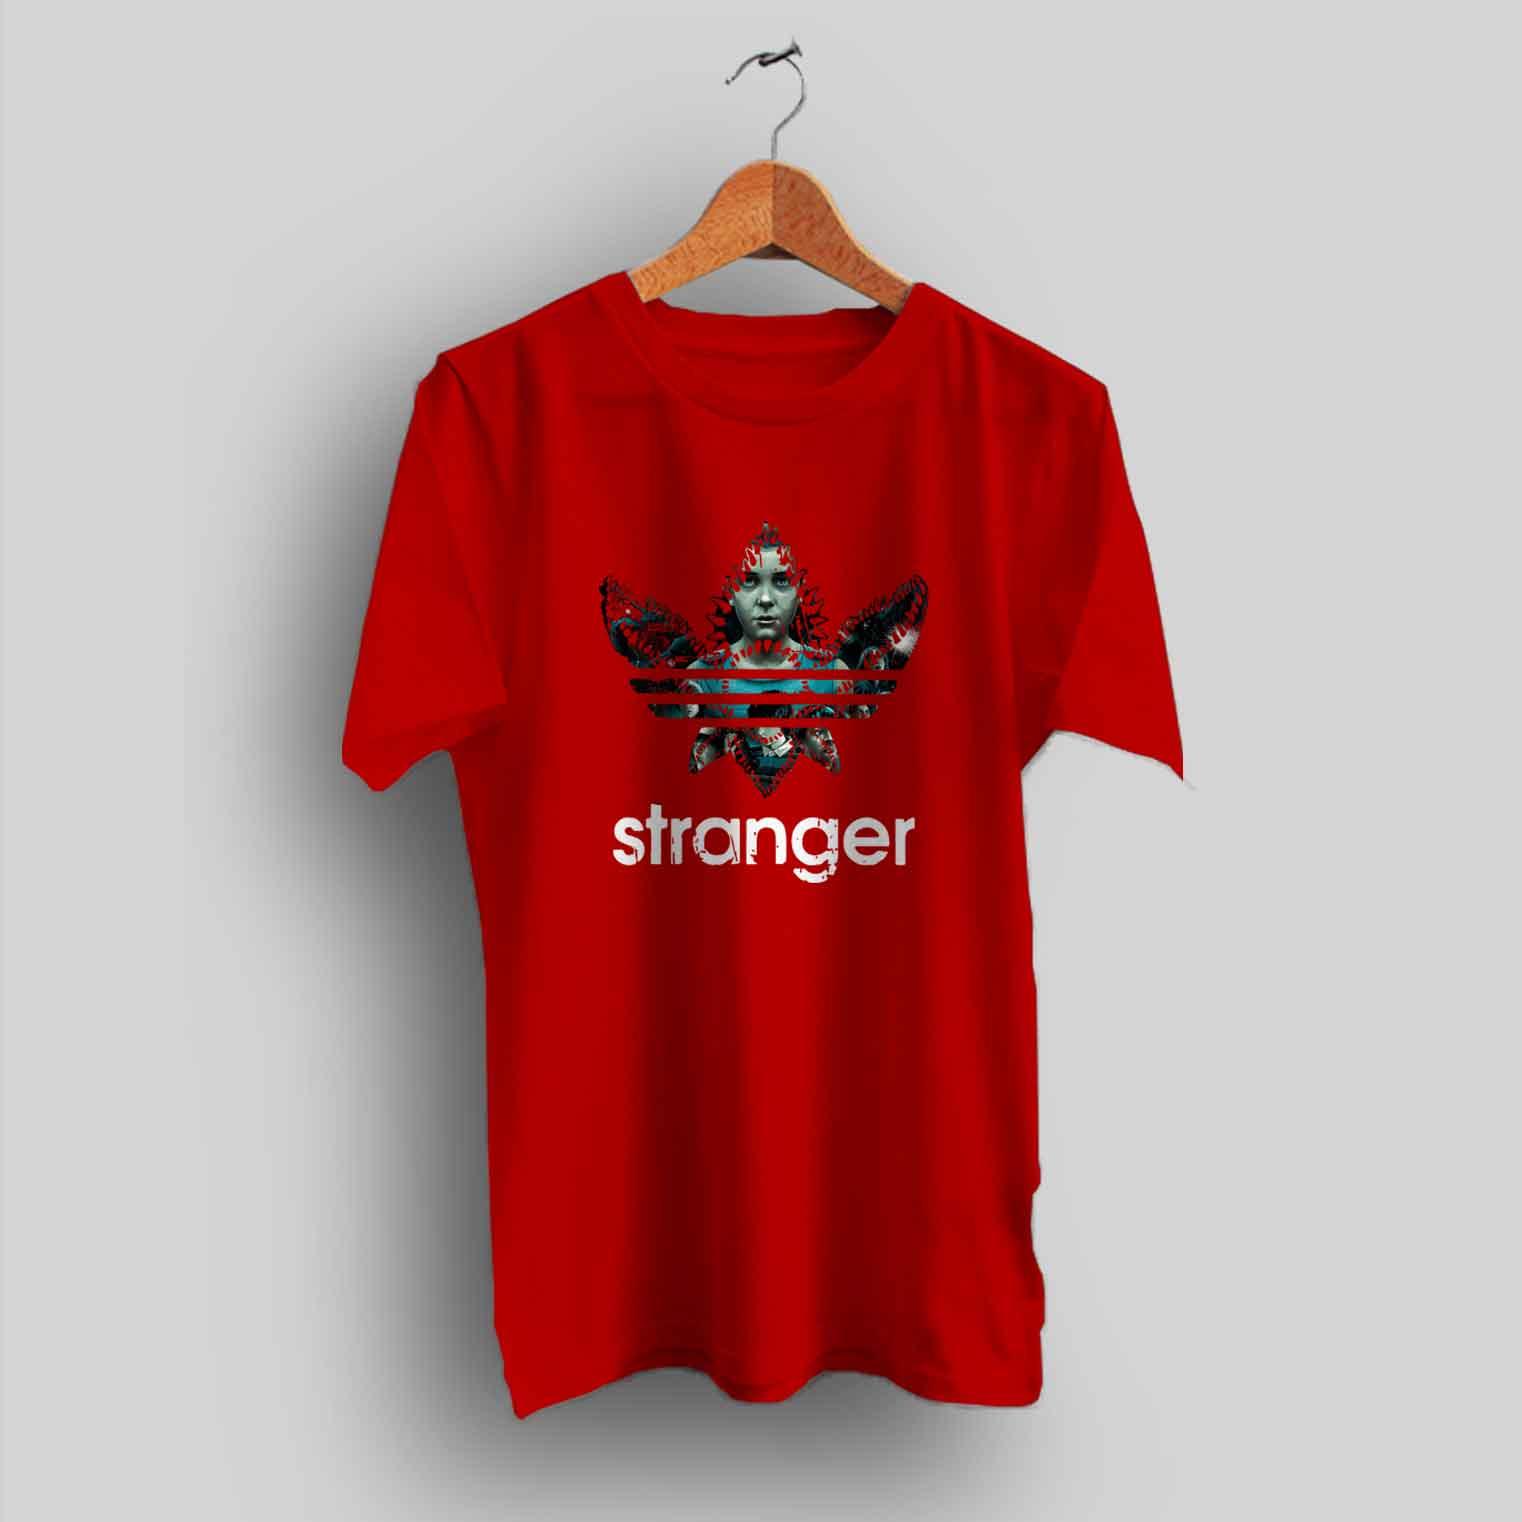 fc2cc220 Stranger Things Demogorgon Adidas Parody T Shirt - HotVero.com